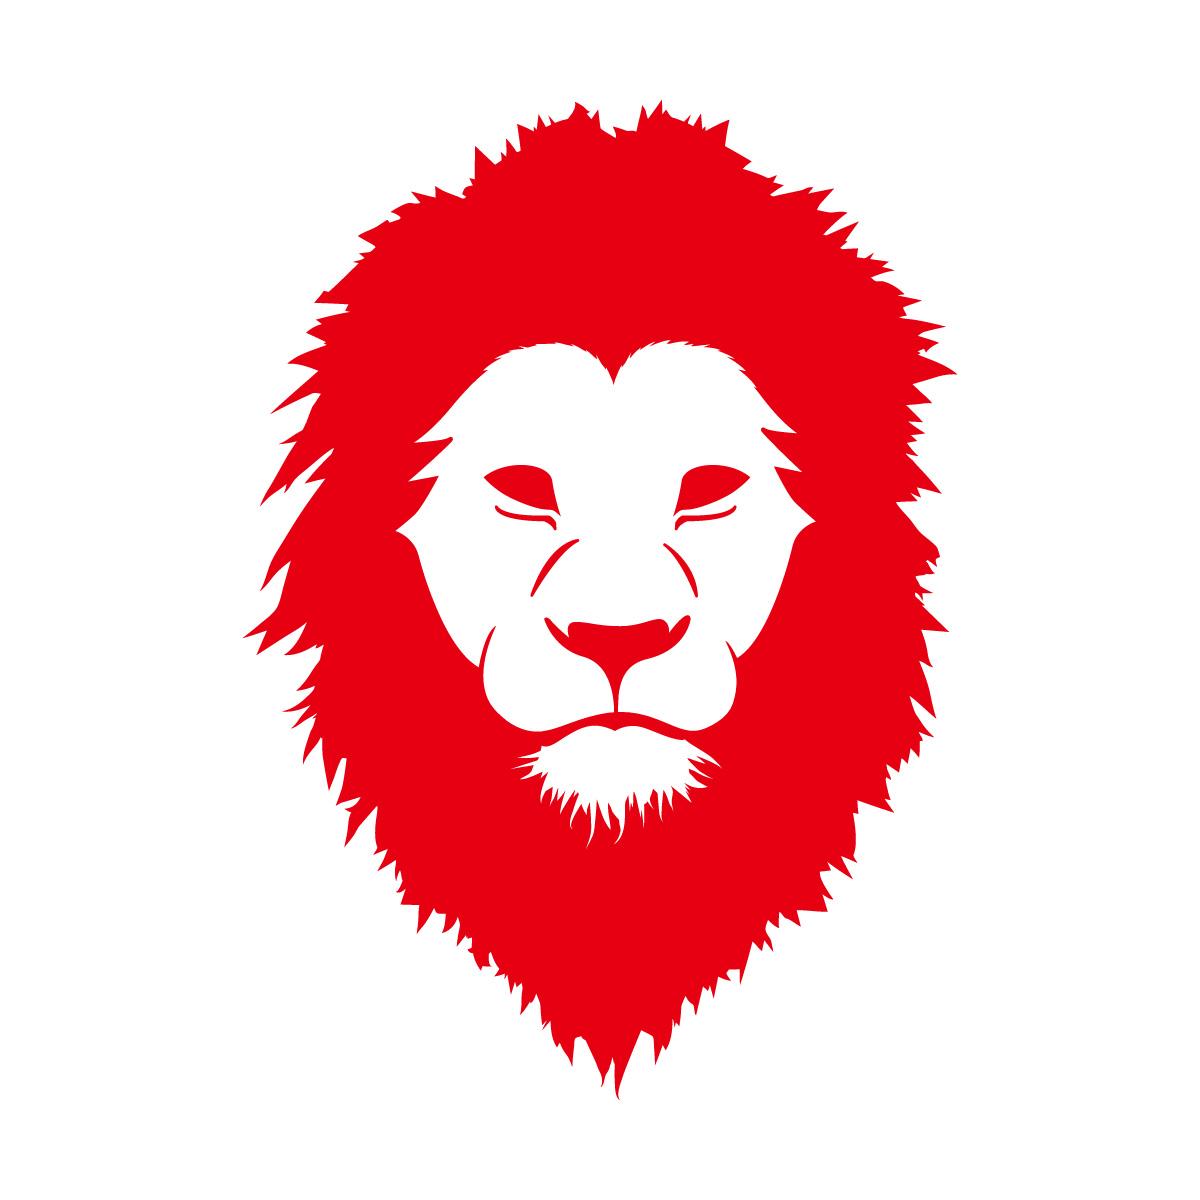 赤色のライオン シール ステッカー カッティングステッカー かっこいい 獅子 光沢タイプ・防水 耐水・屋外耐候3~4年